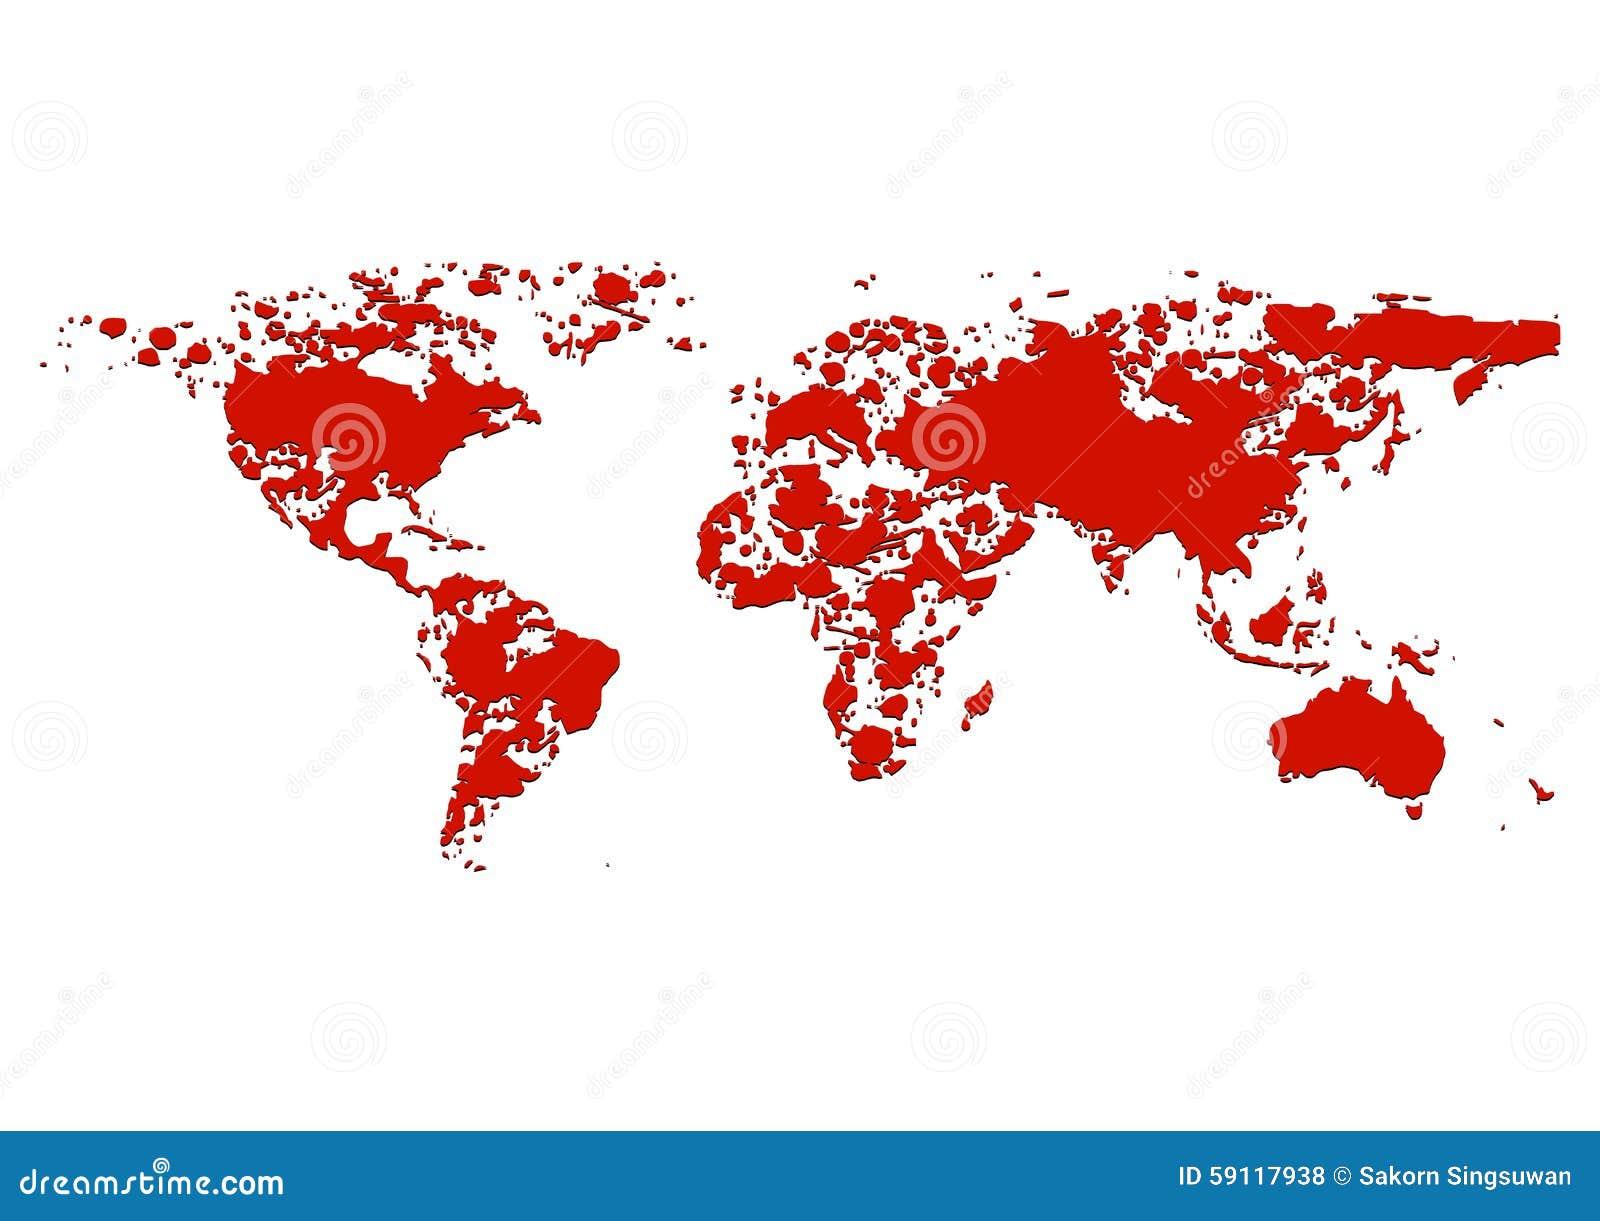 World map splatter red color illustration stock vector world map splatter red color illustration gumiabroncs Gallery